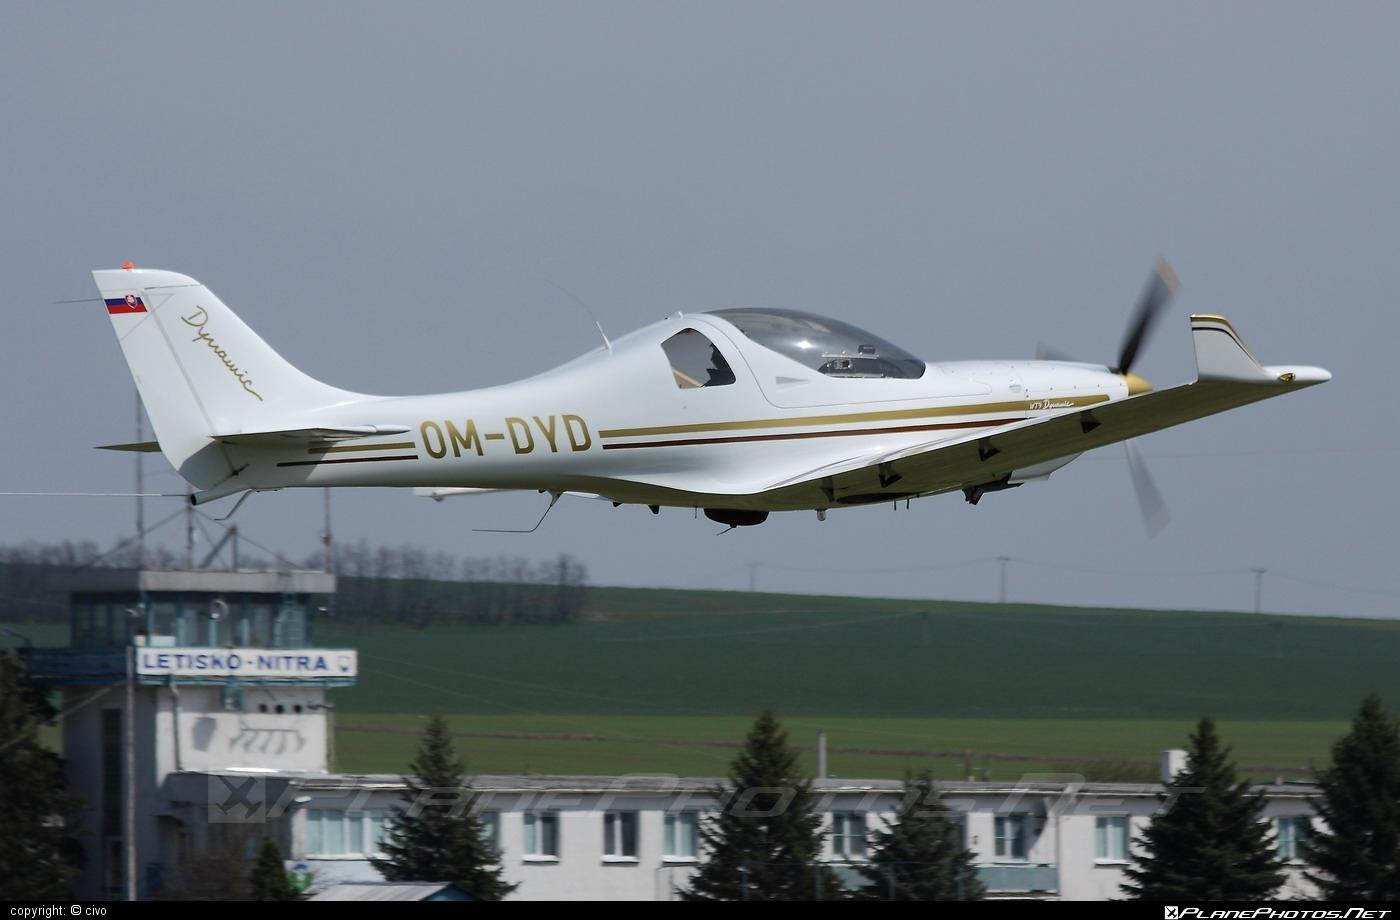 Aerospool WT9 Dynamic - OM-DYD operated by Private operator #aerospool #wt9 #wt9dynamic